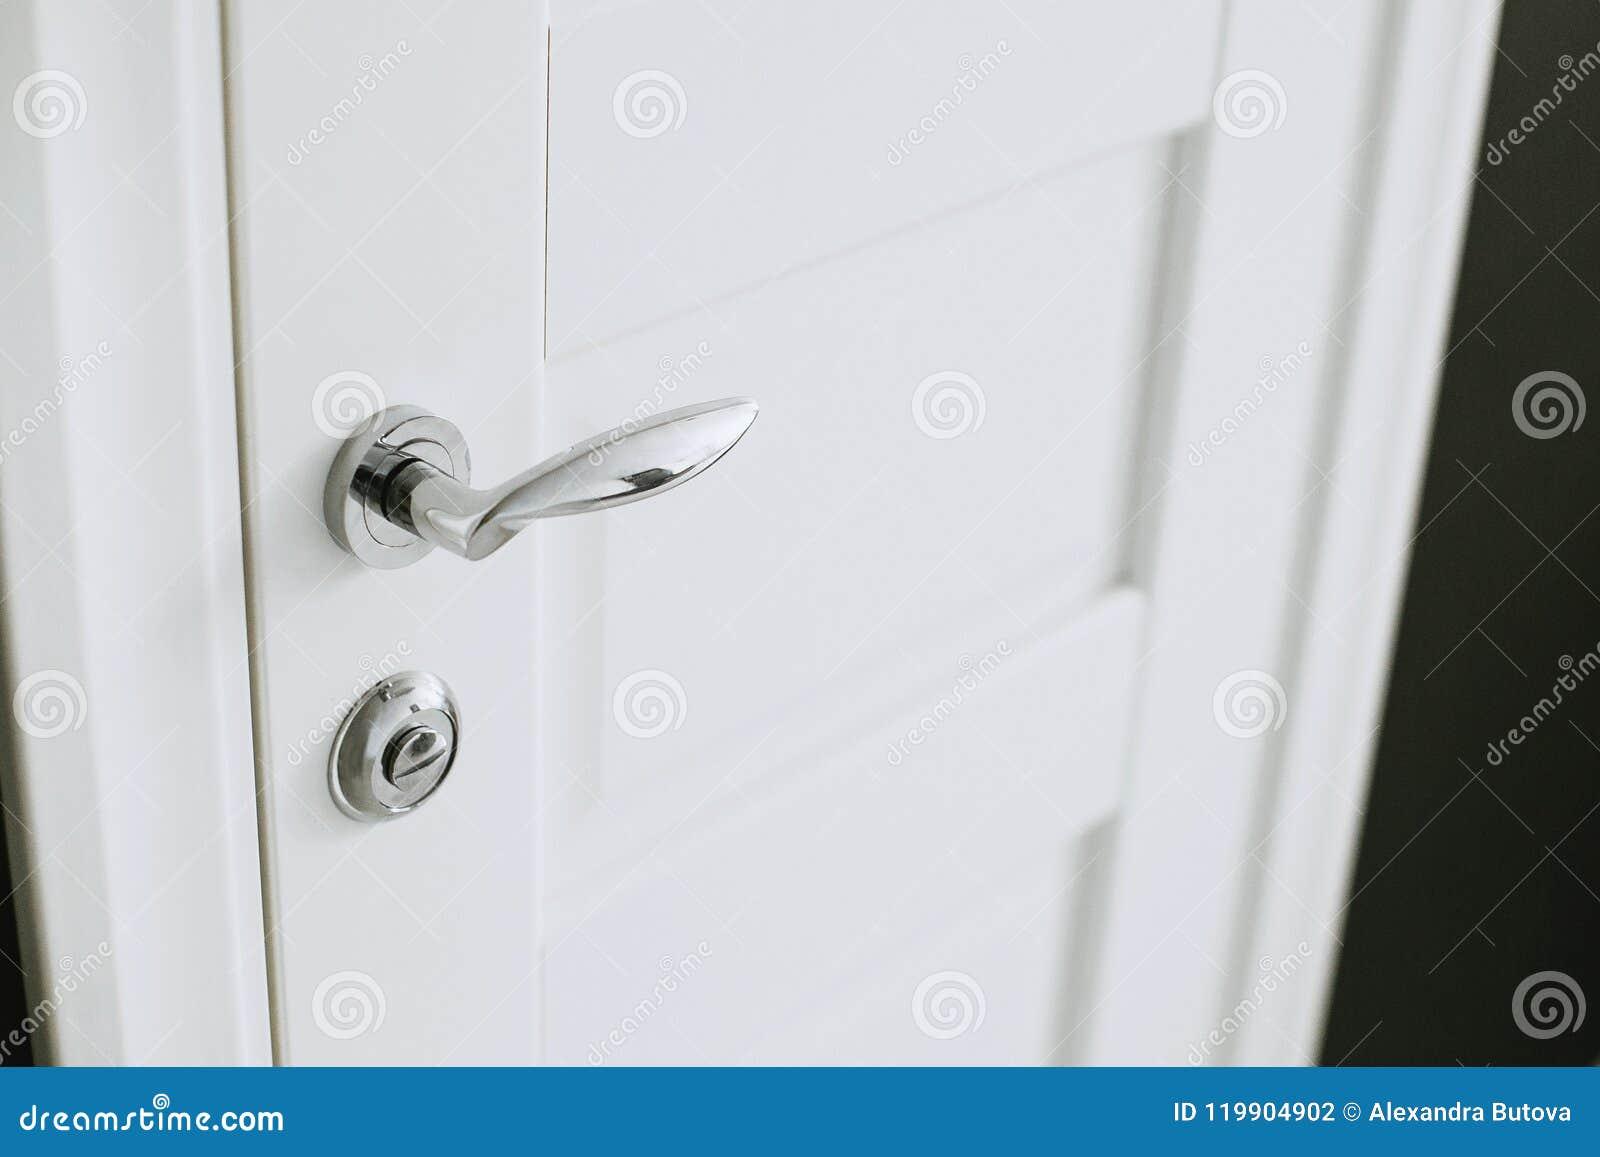 Chrom matrycująca metal rękojeść na białym drzwi